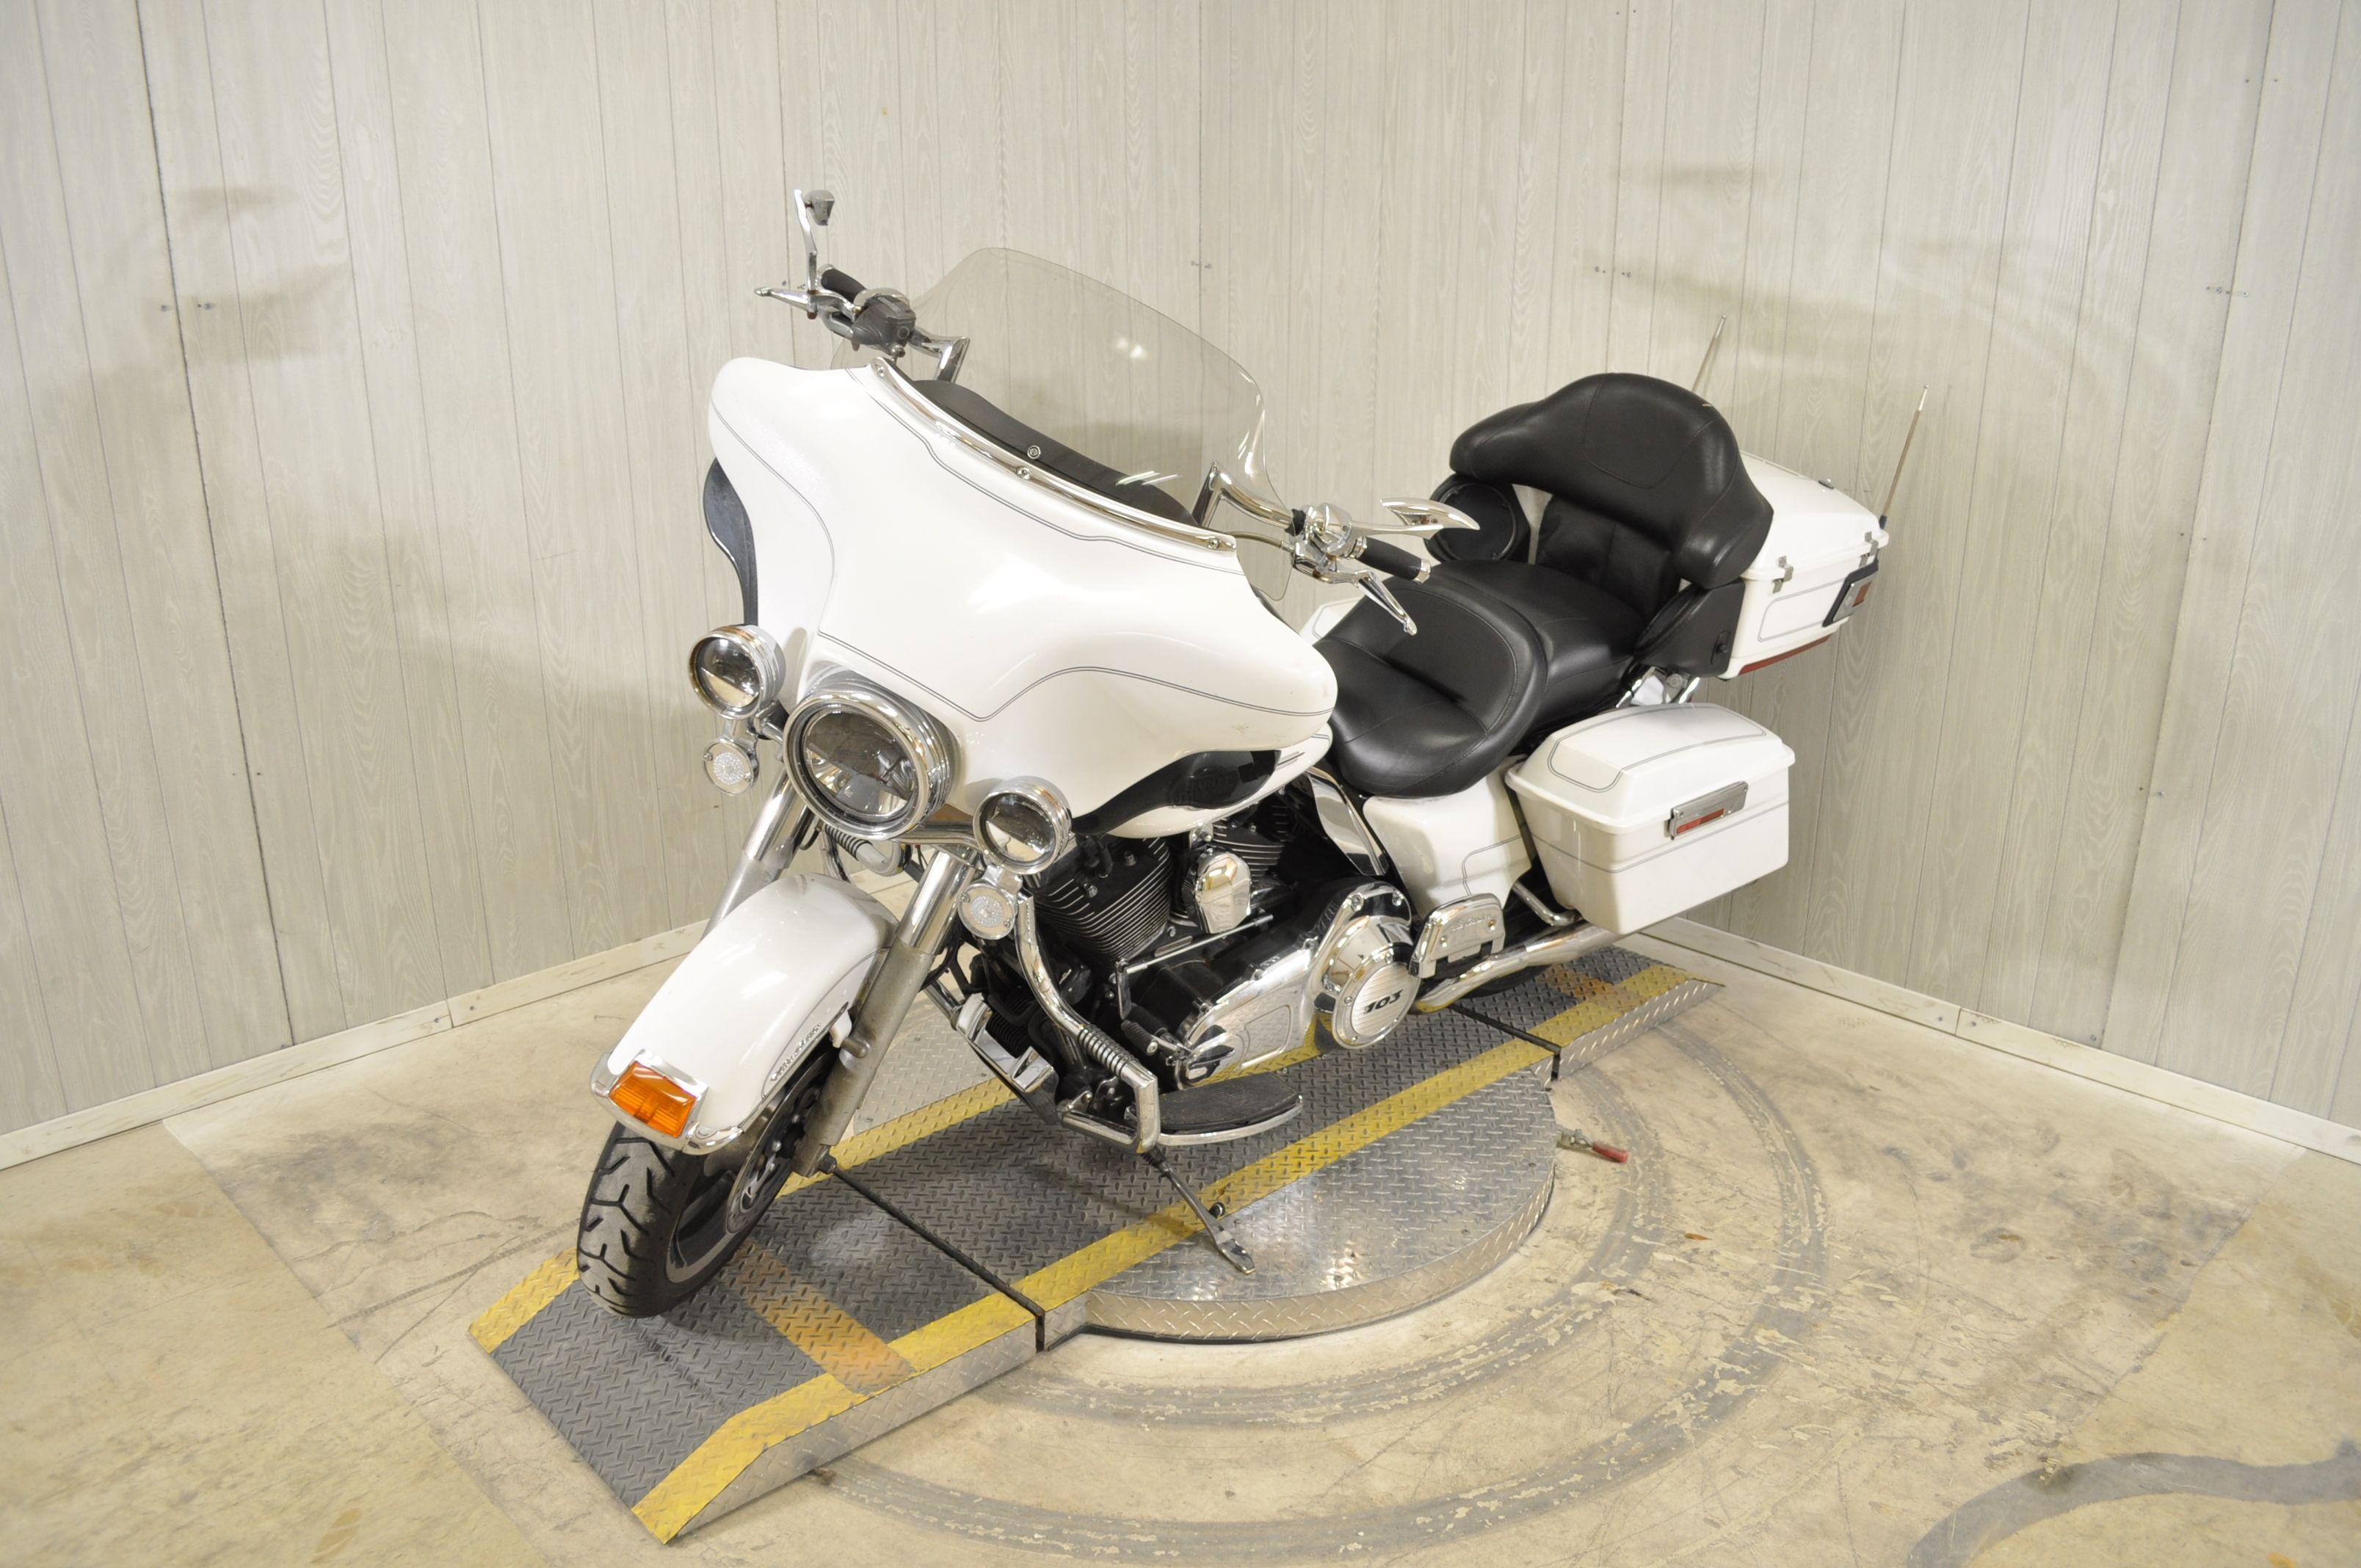 Pre-Owned 2012 Harley-Davidson Electra Glide Ultra Classic FLHTCU